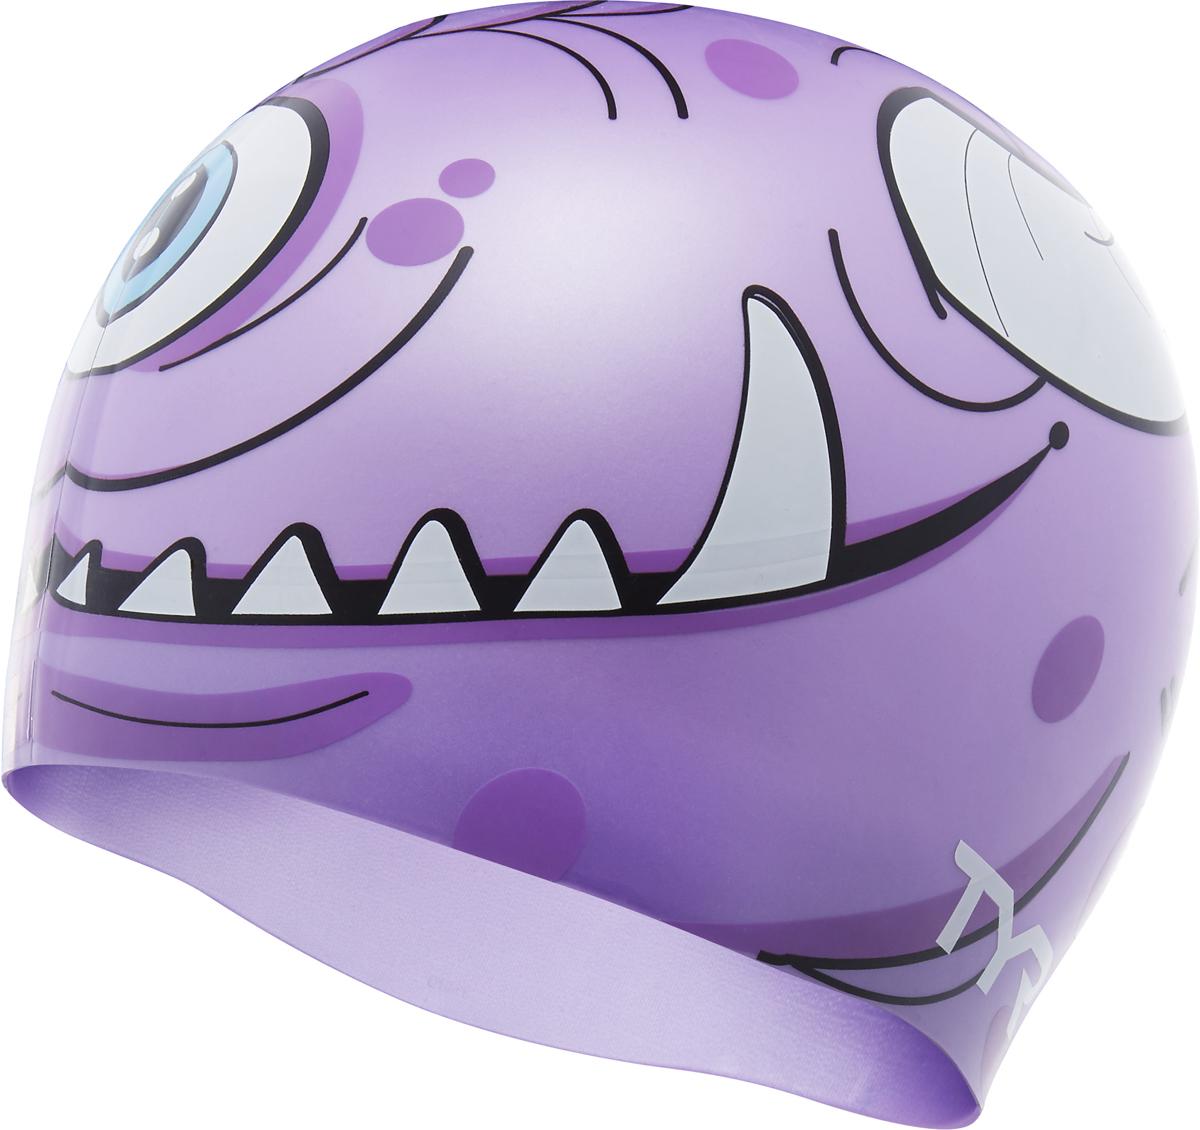 Шапочка для плавания Tyr Monster Swim Cap, цвет: фиолетовый. LCSMNSTRLCSMNSTRСиликоновая шапочка TYR с принтом изготовлена из высококачественного материала, устойчивого к воздействию хлорированной воды, что гарантирует долгий срок службы. Материал шапочки не вызывает раздражения кожи и других аллергических реакций. Прекрасный вариант для тренировок в бассейне.